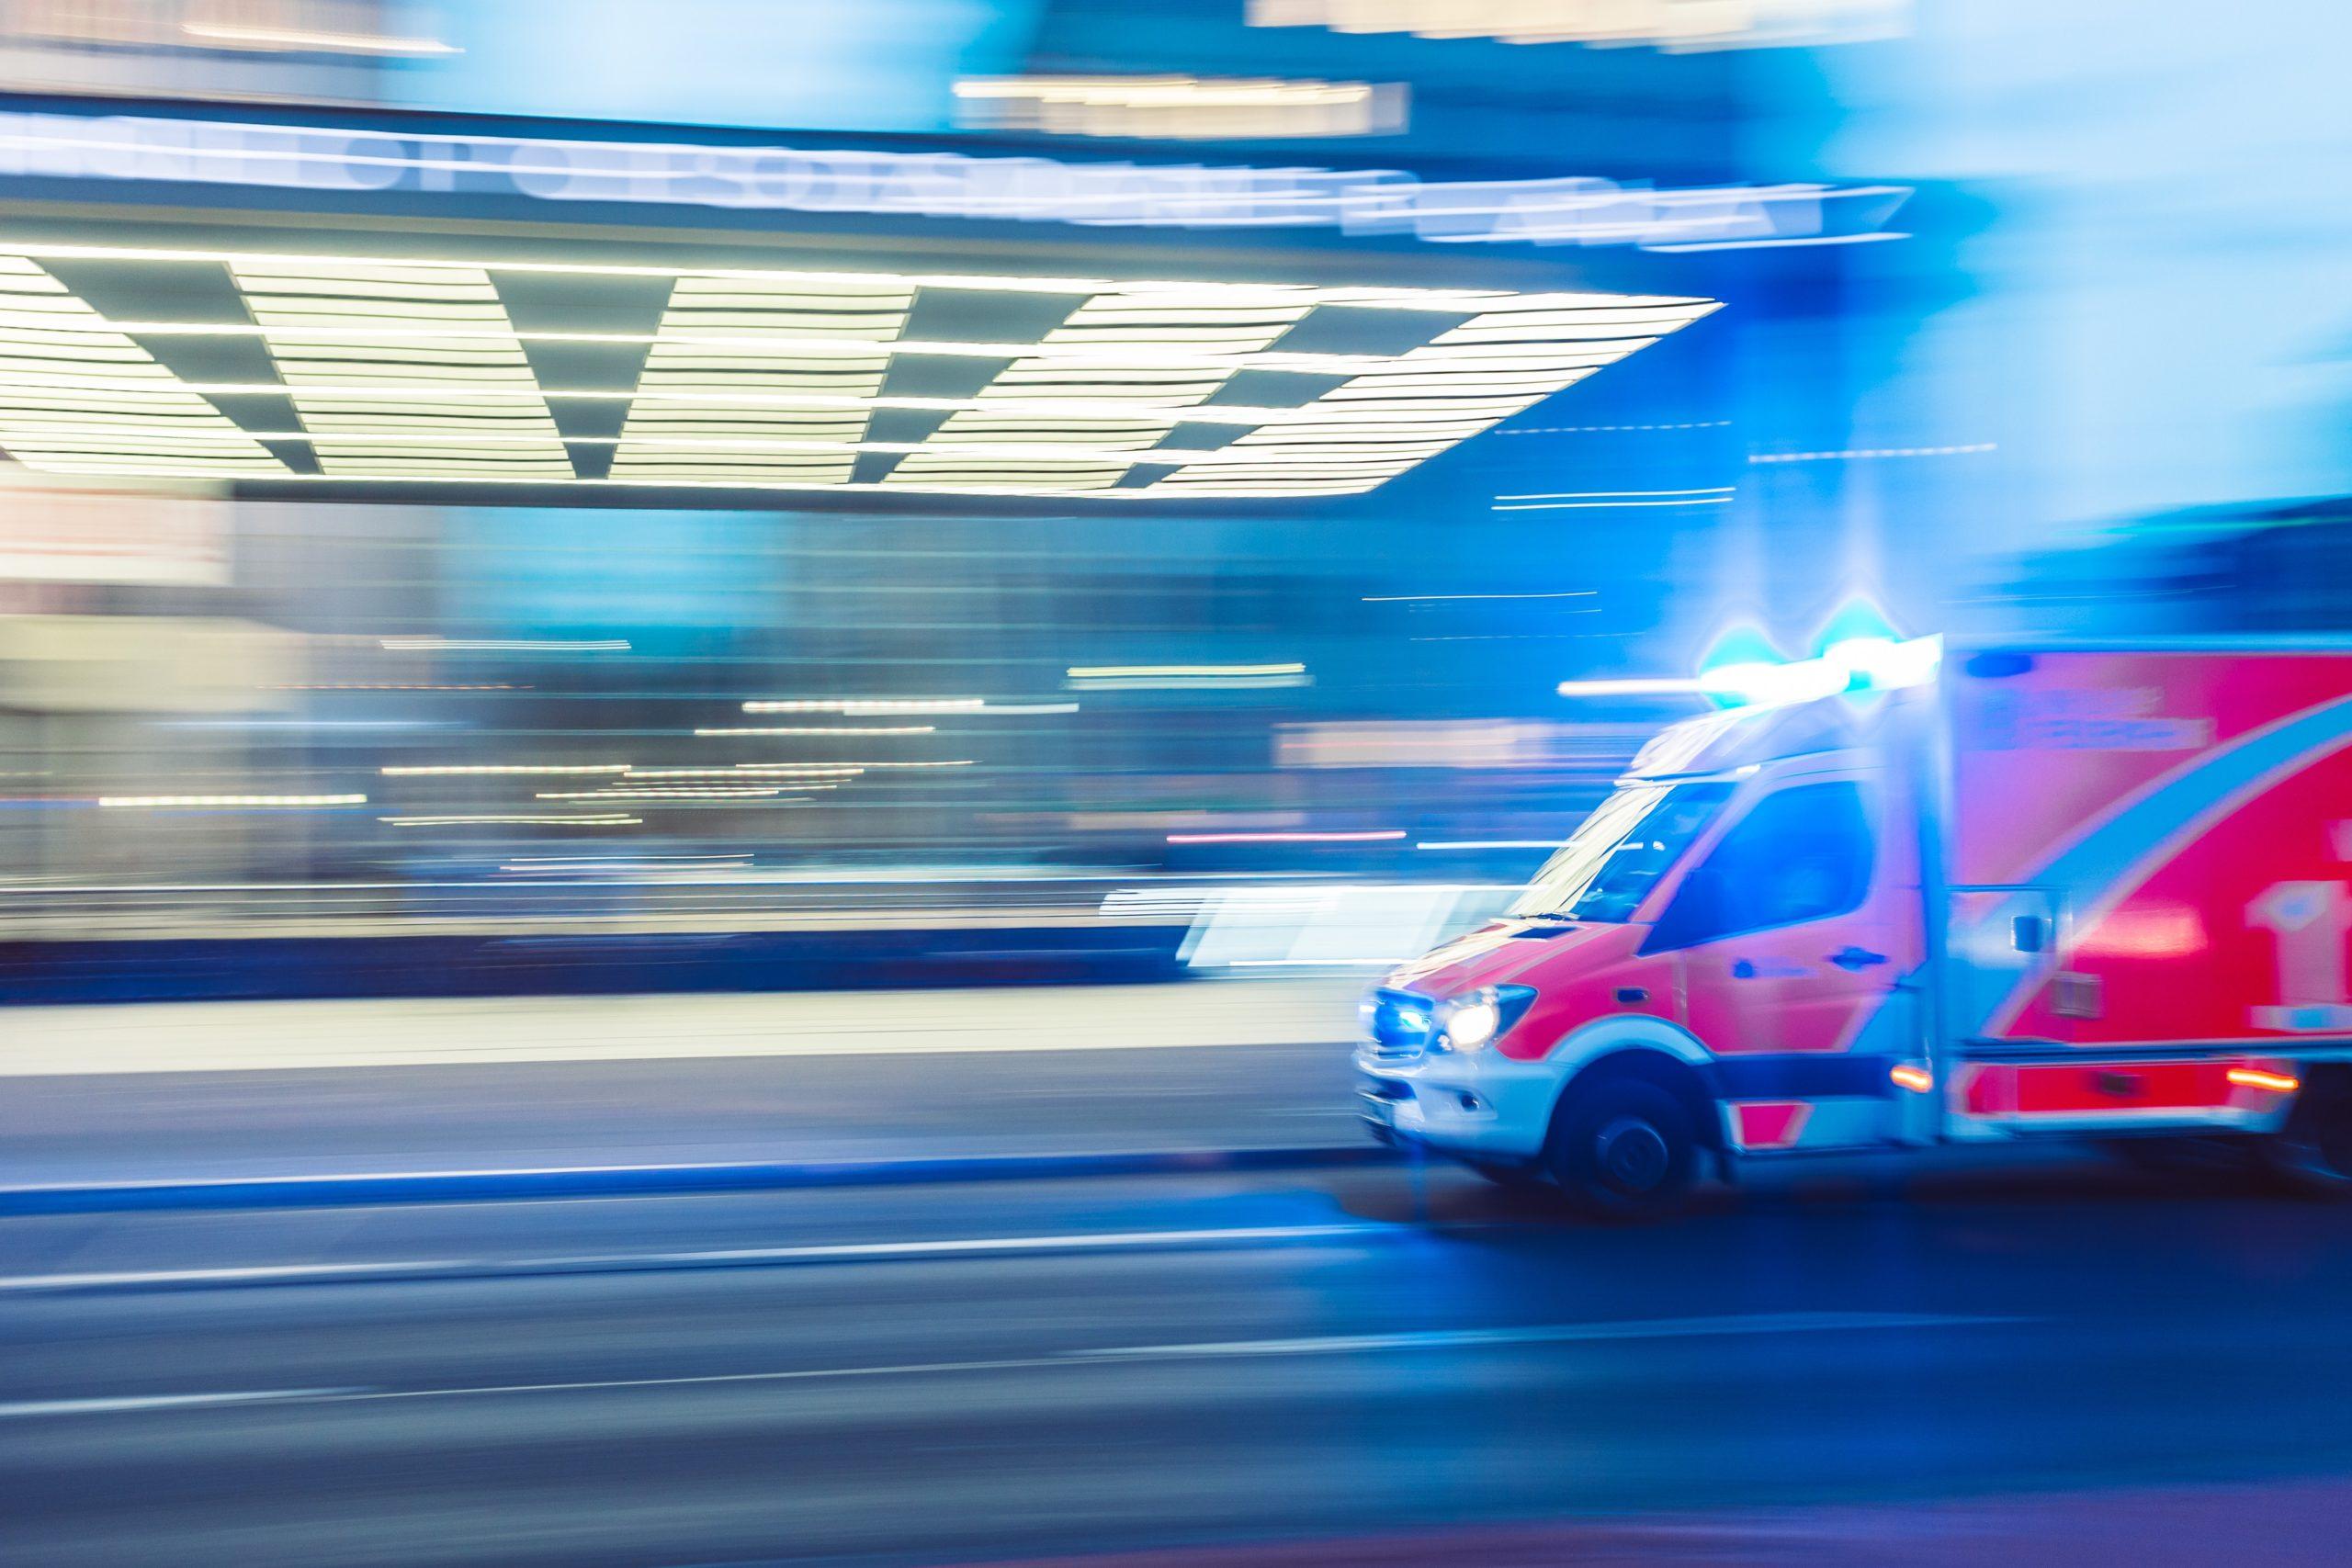 Photo 'un camionne pompier pour illustrer l'urgence d'une prise en charge lors d'un AVC